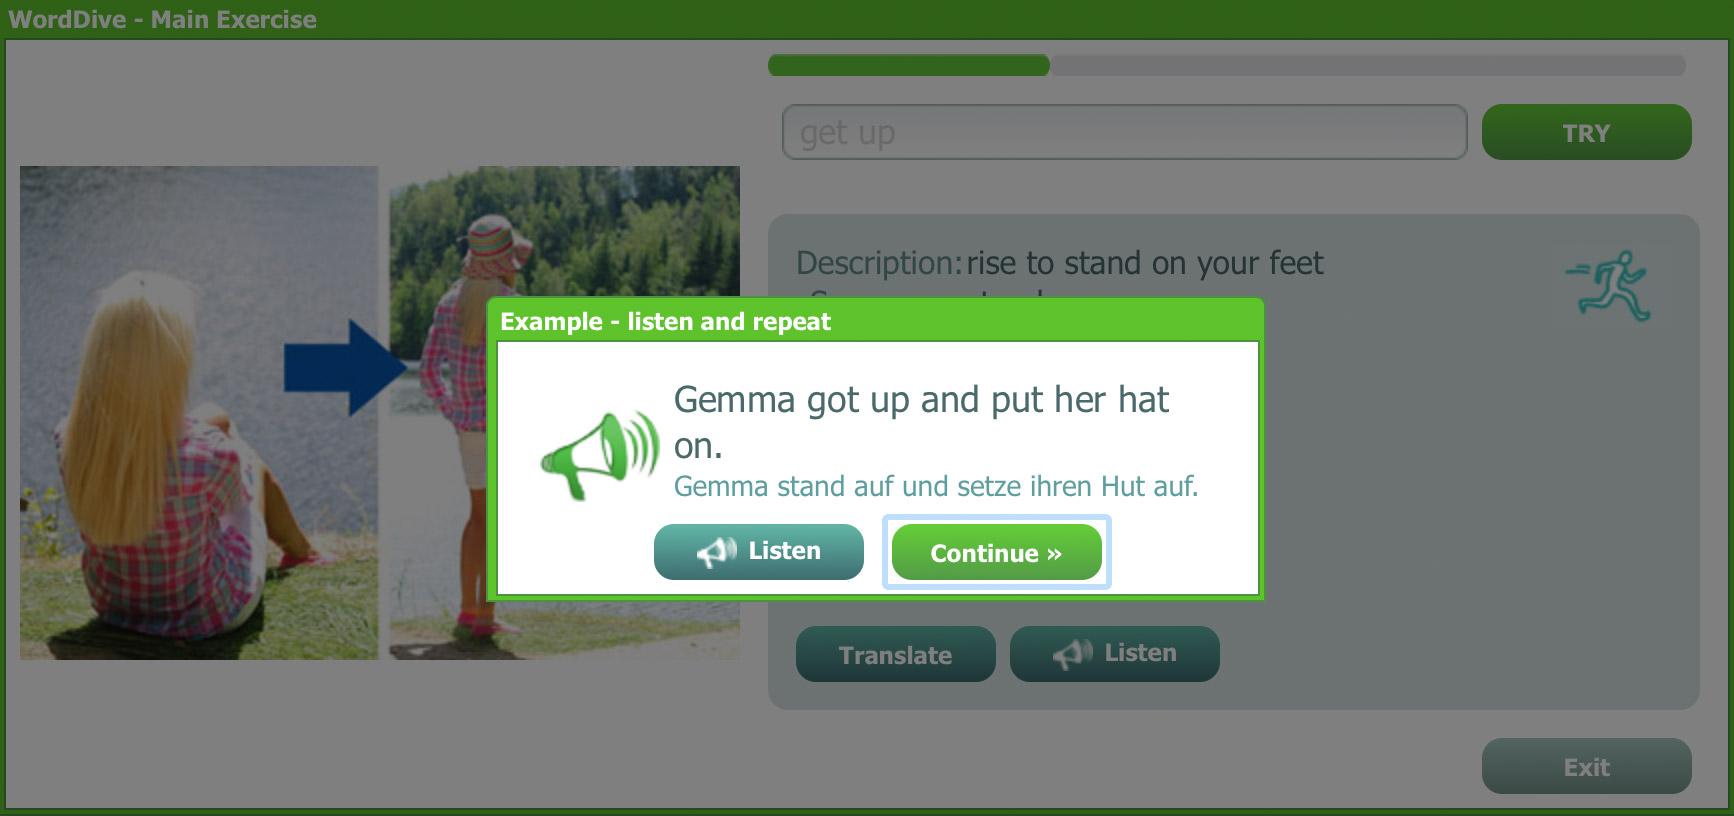 WordDive example